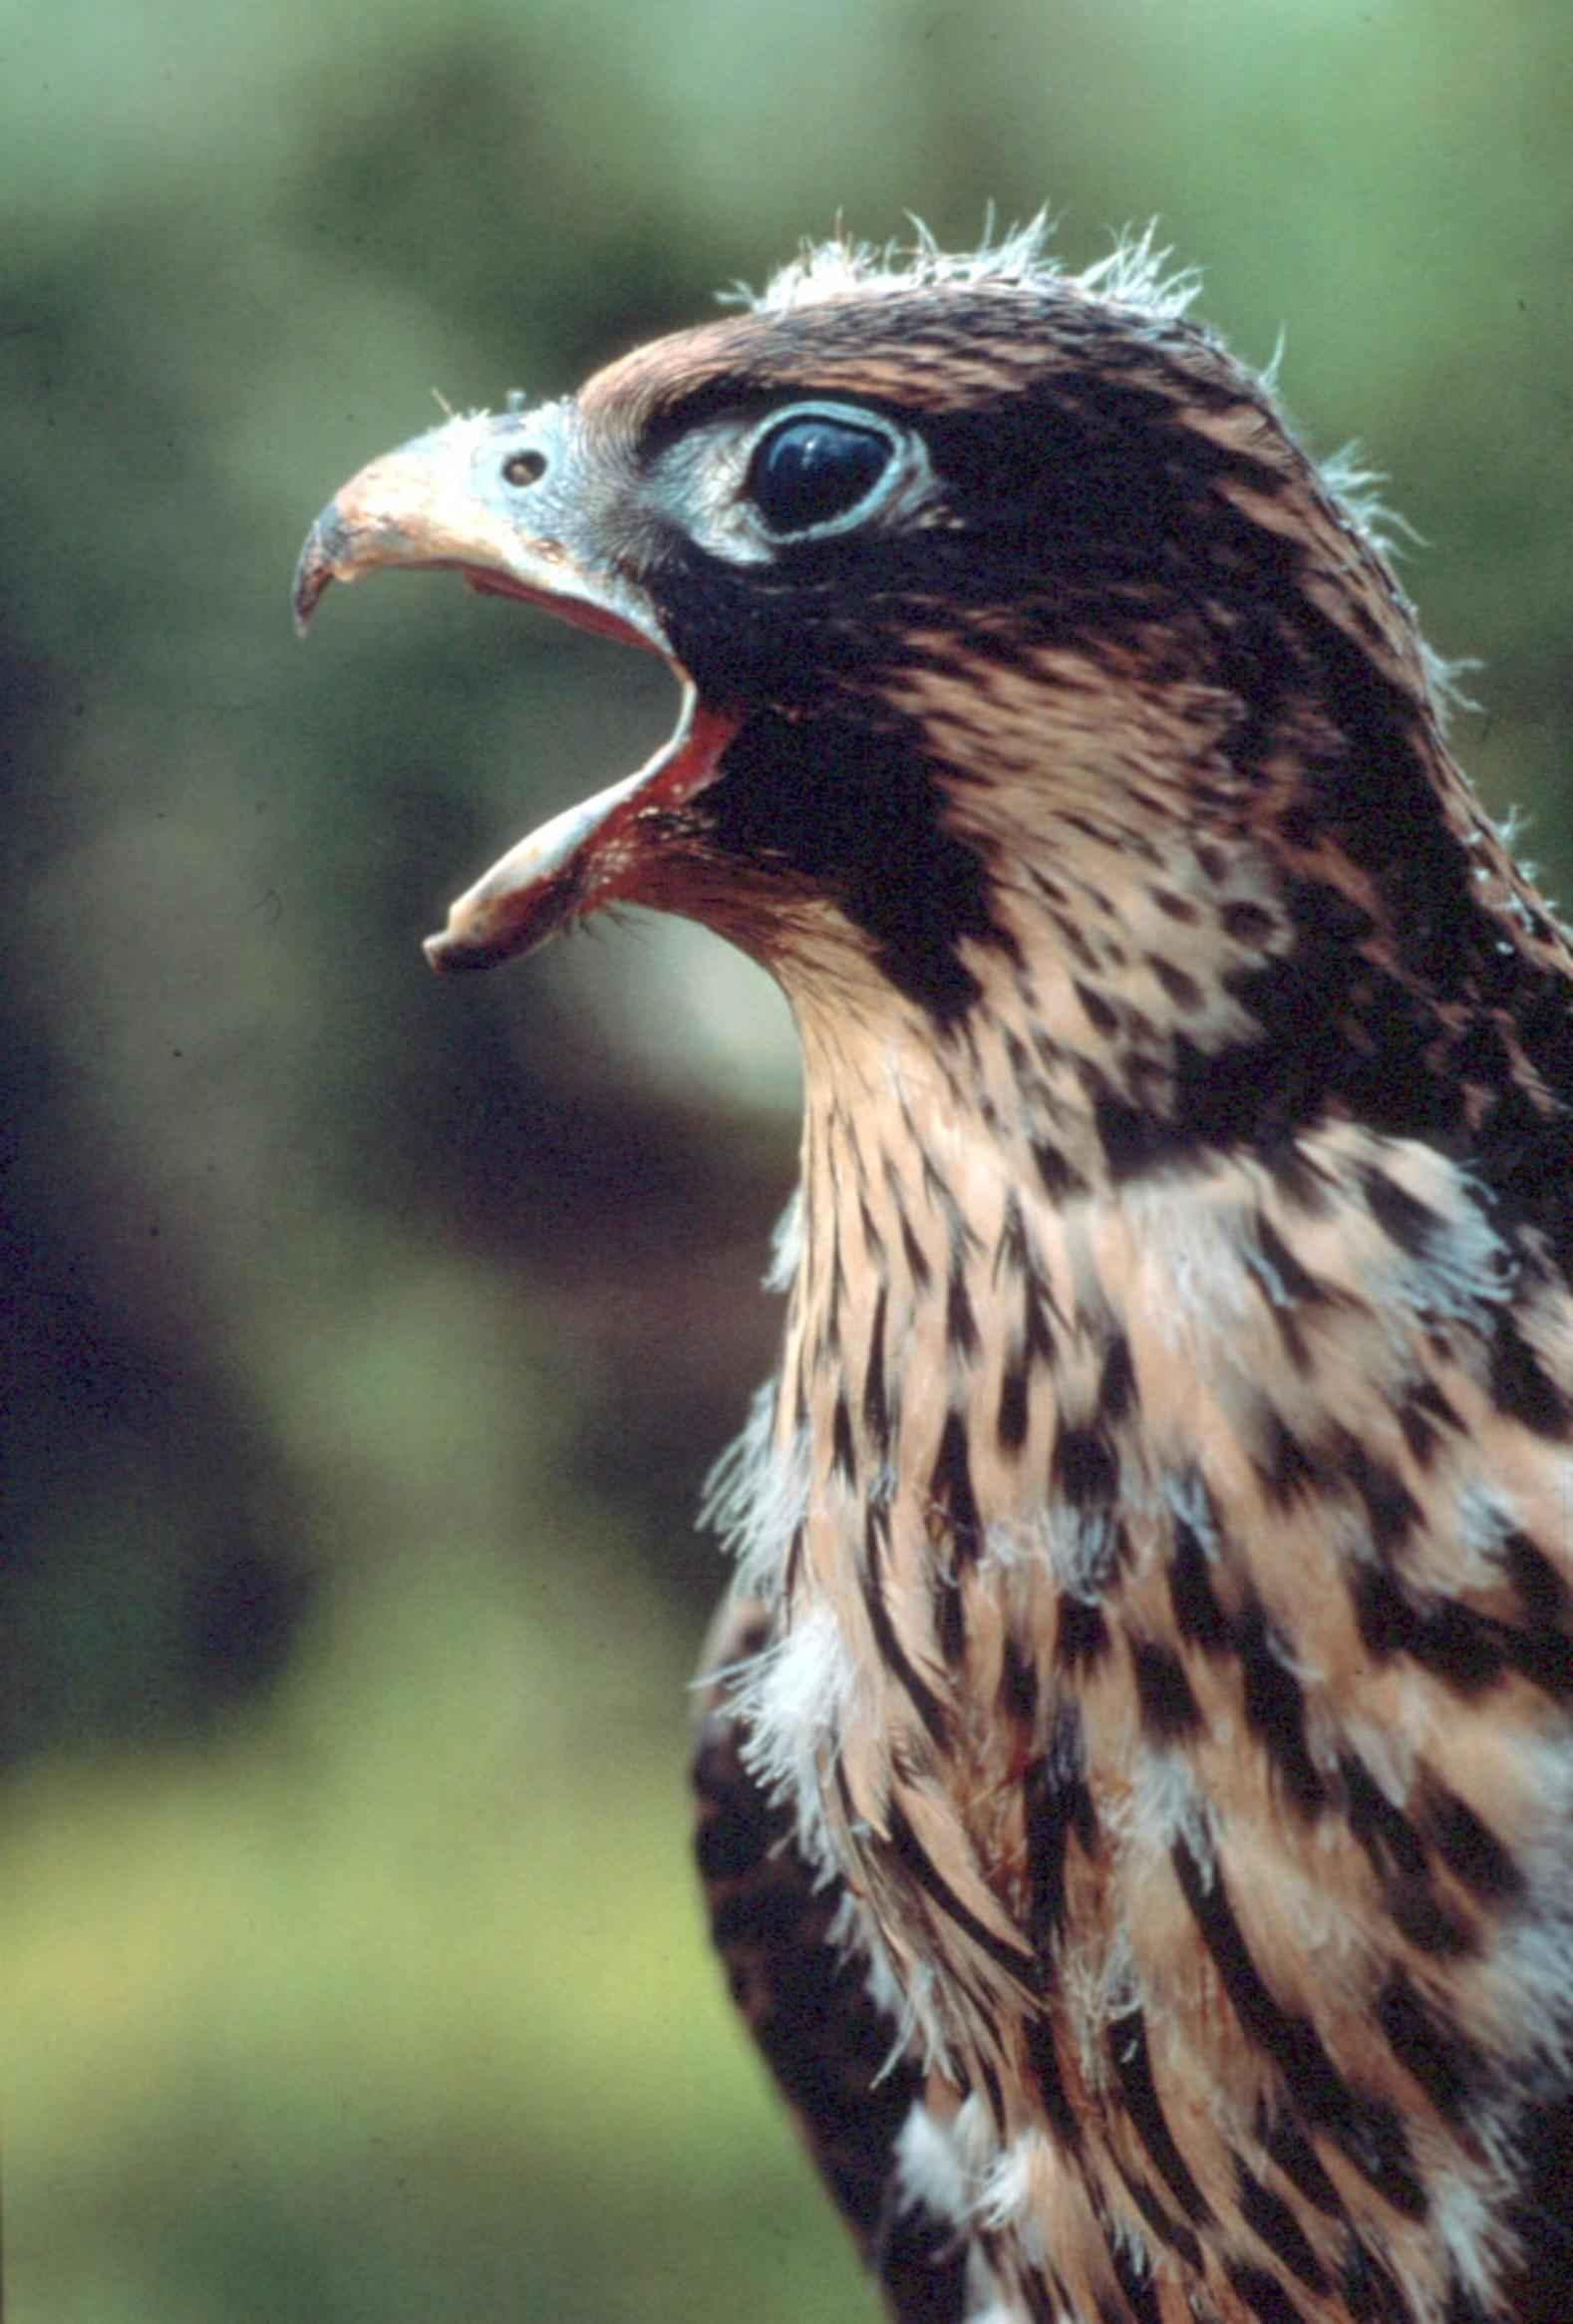 imagem gratuita falcão peregrino falcão pato falcão pássaro